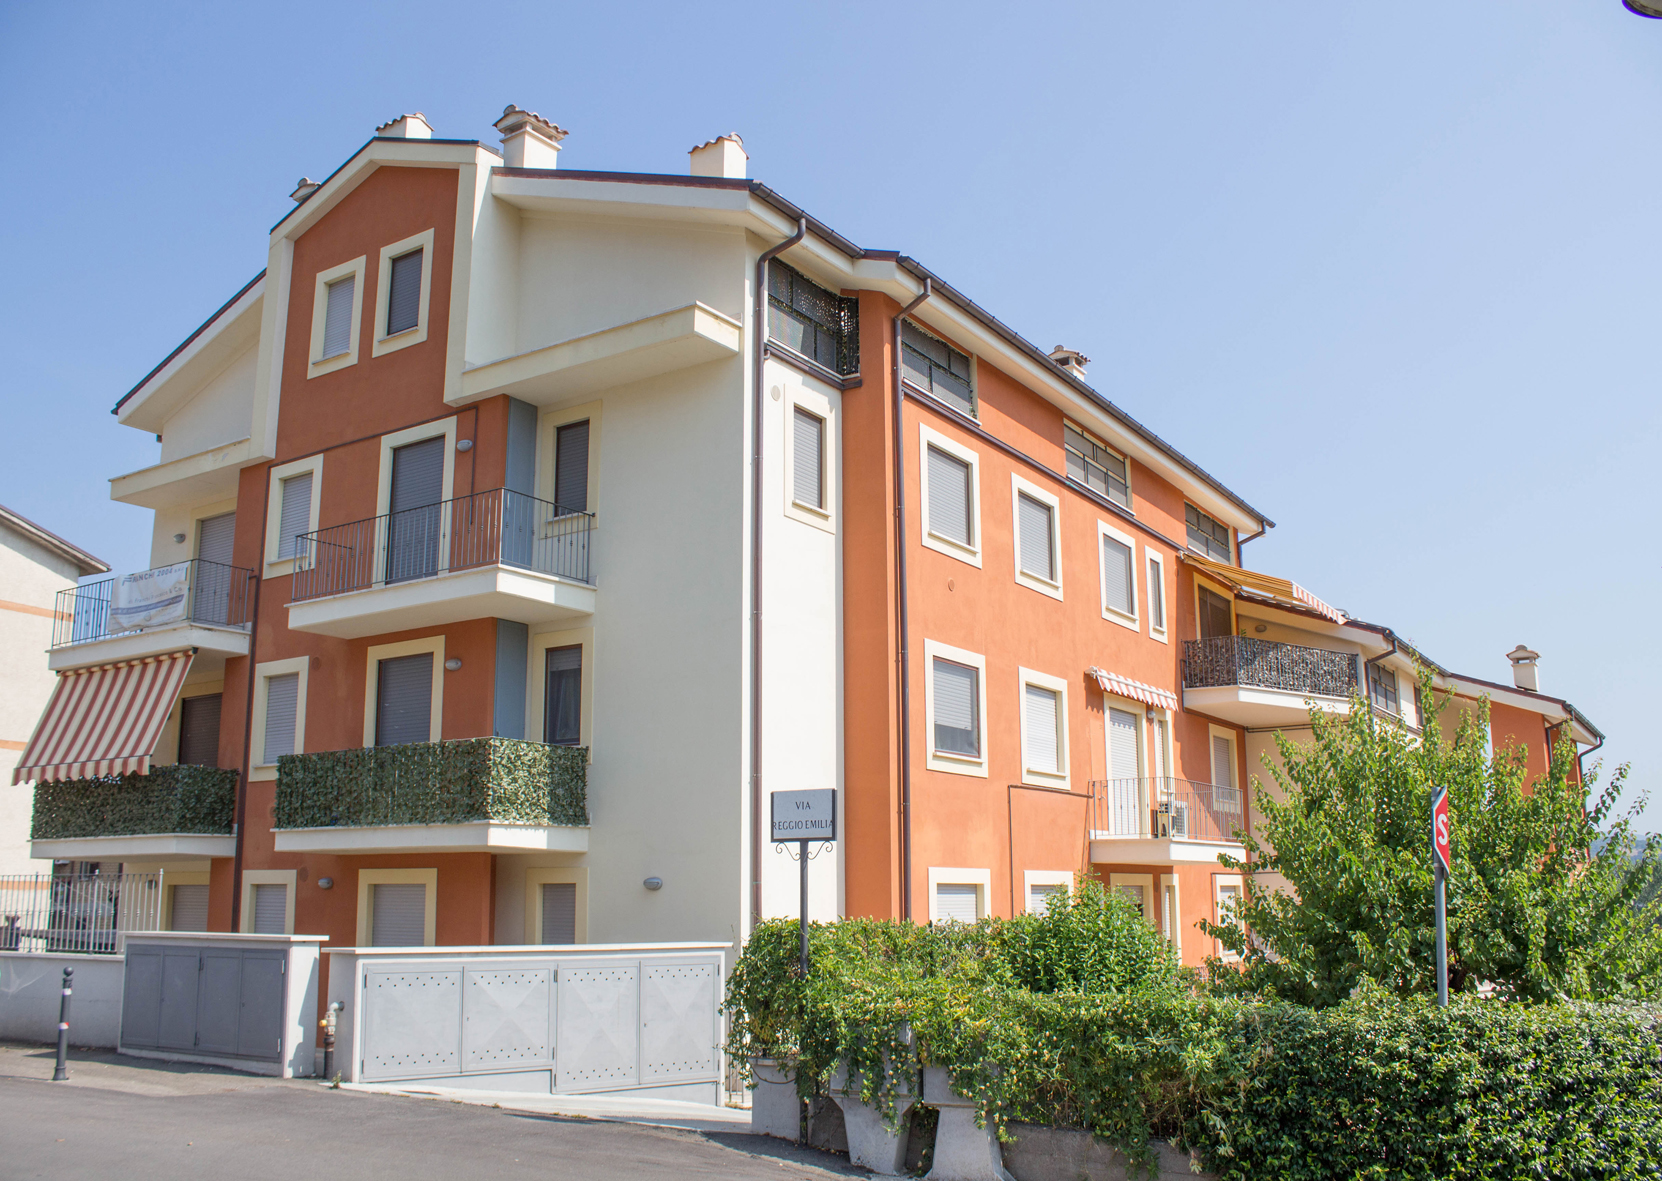 Appartamento in vendita a Orte, 3 locali, zona Località: OrteScalo, prezzo € 138.000 | Cambio Casa.it